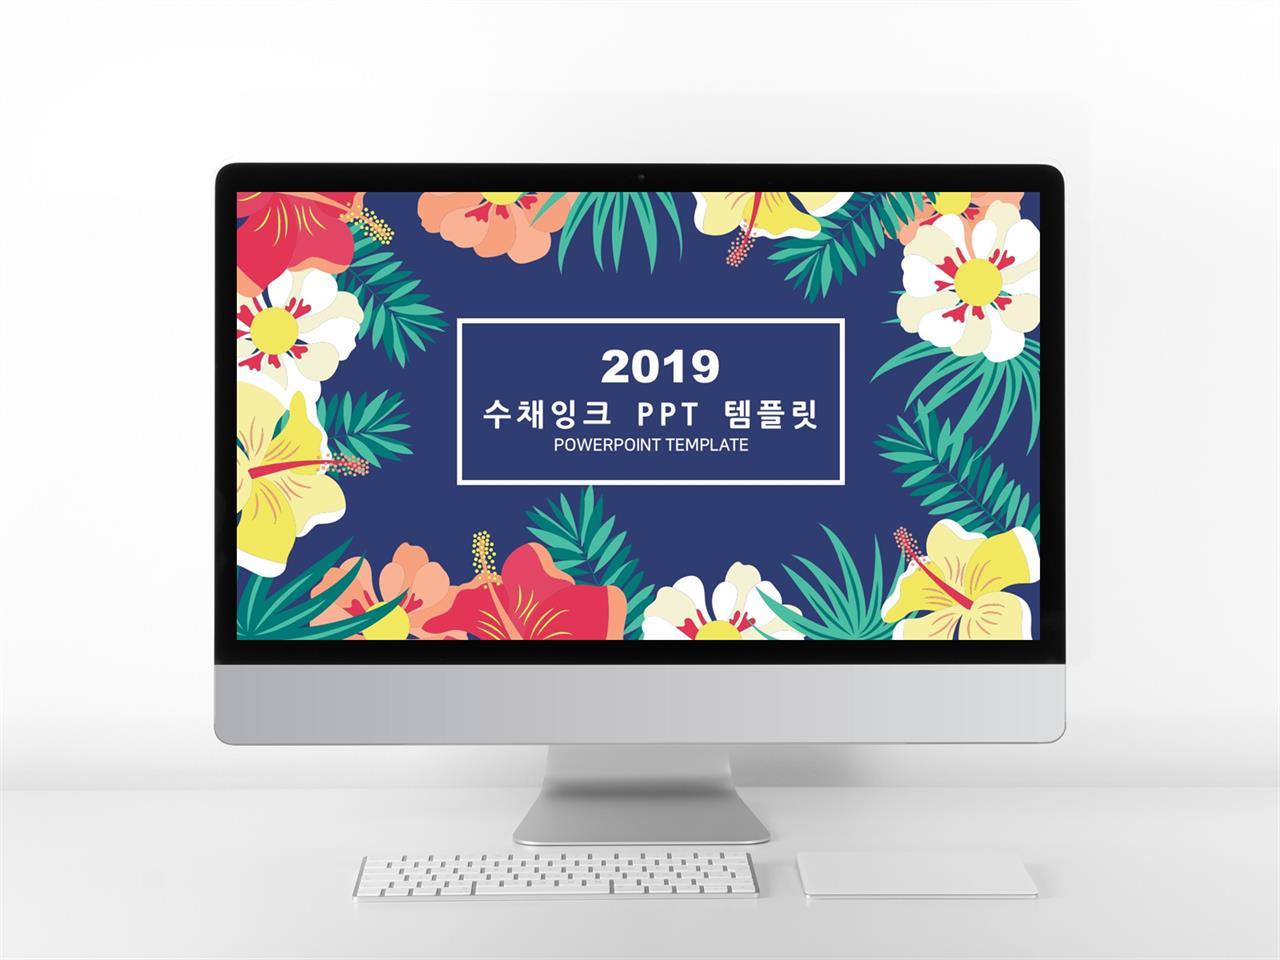 화초주제 컬러 예쁜 고퀄리티 파워포인트서식 제작 미리보기